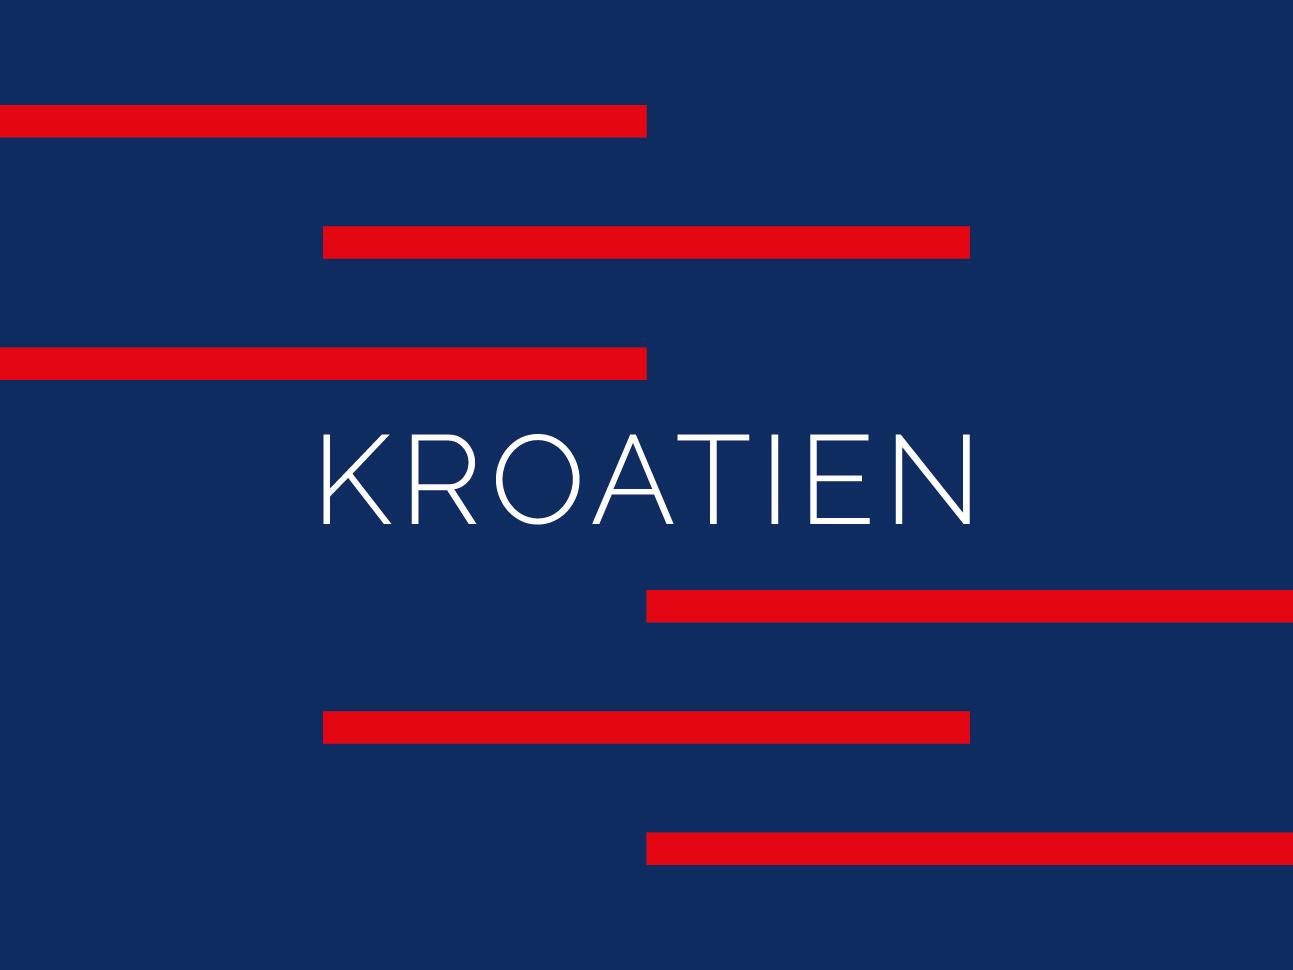 martin zech design, projekt design, kroatien, messestand, leipziger buchmesse 2019, marke